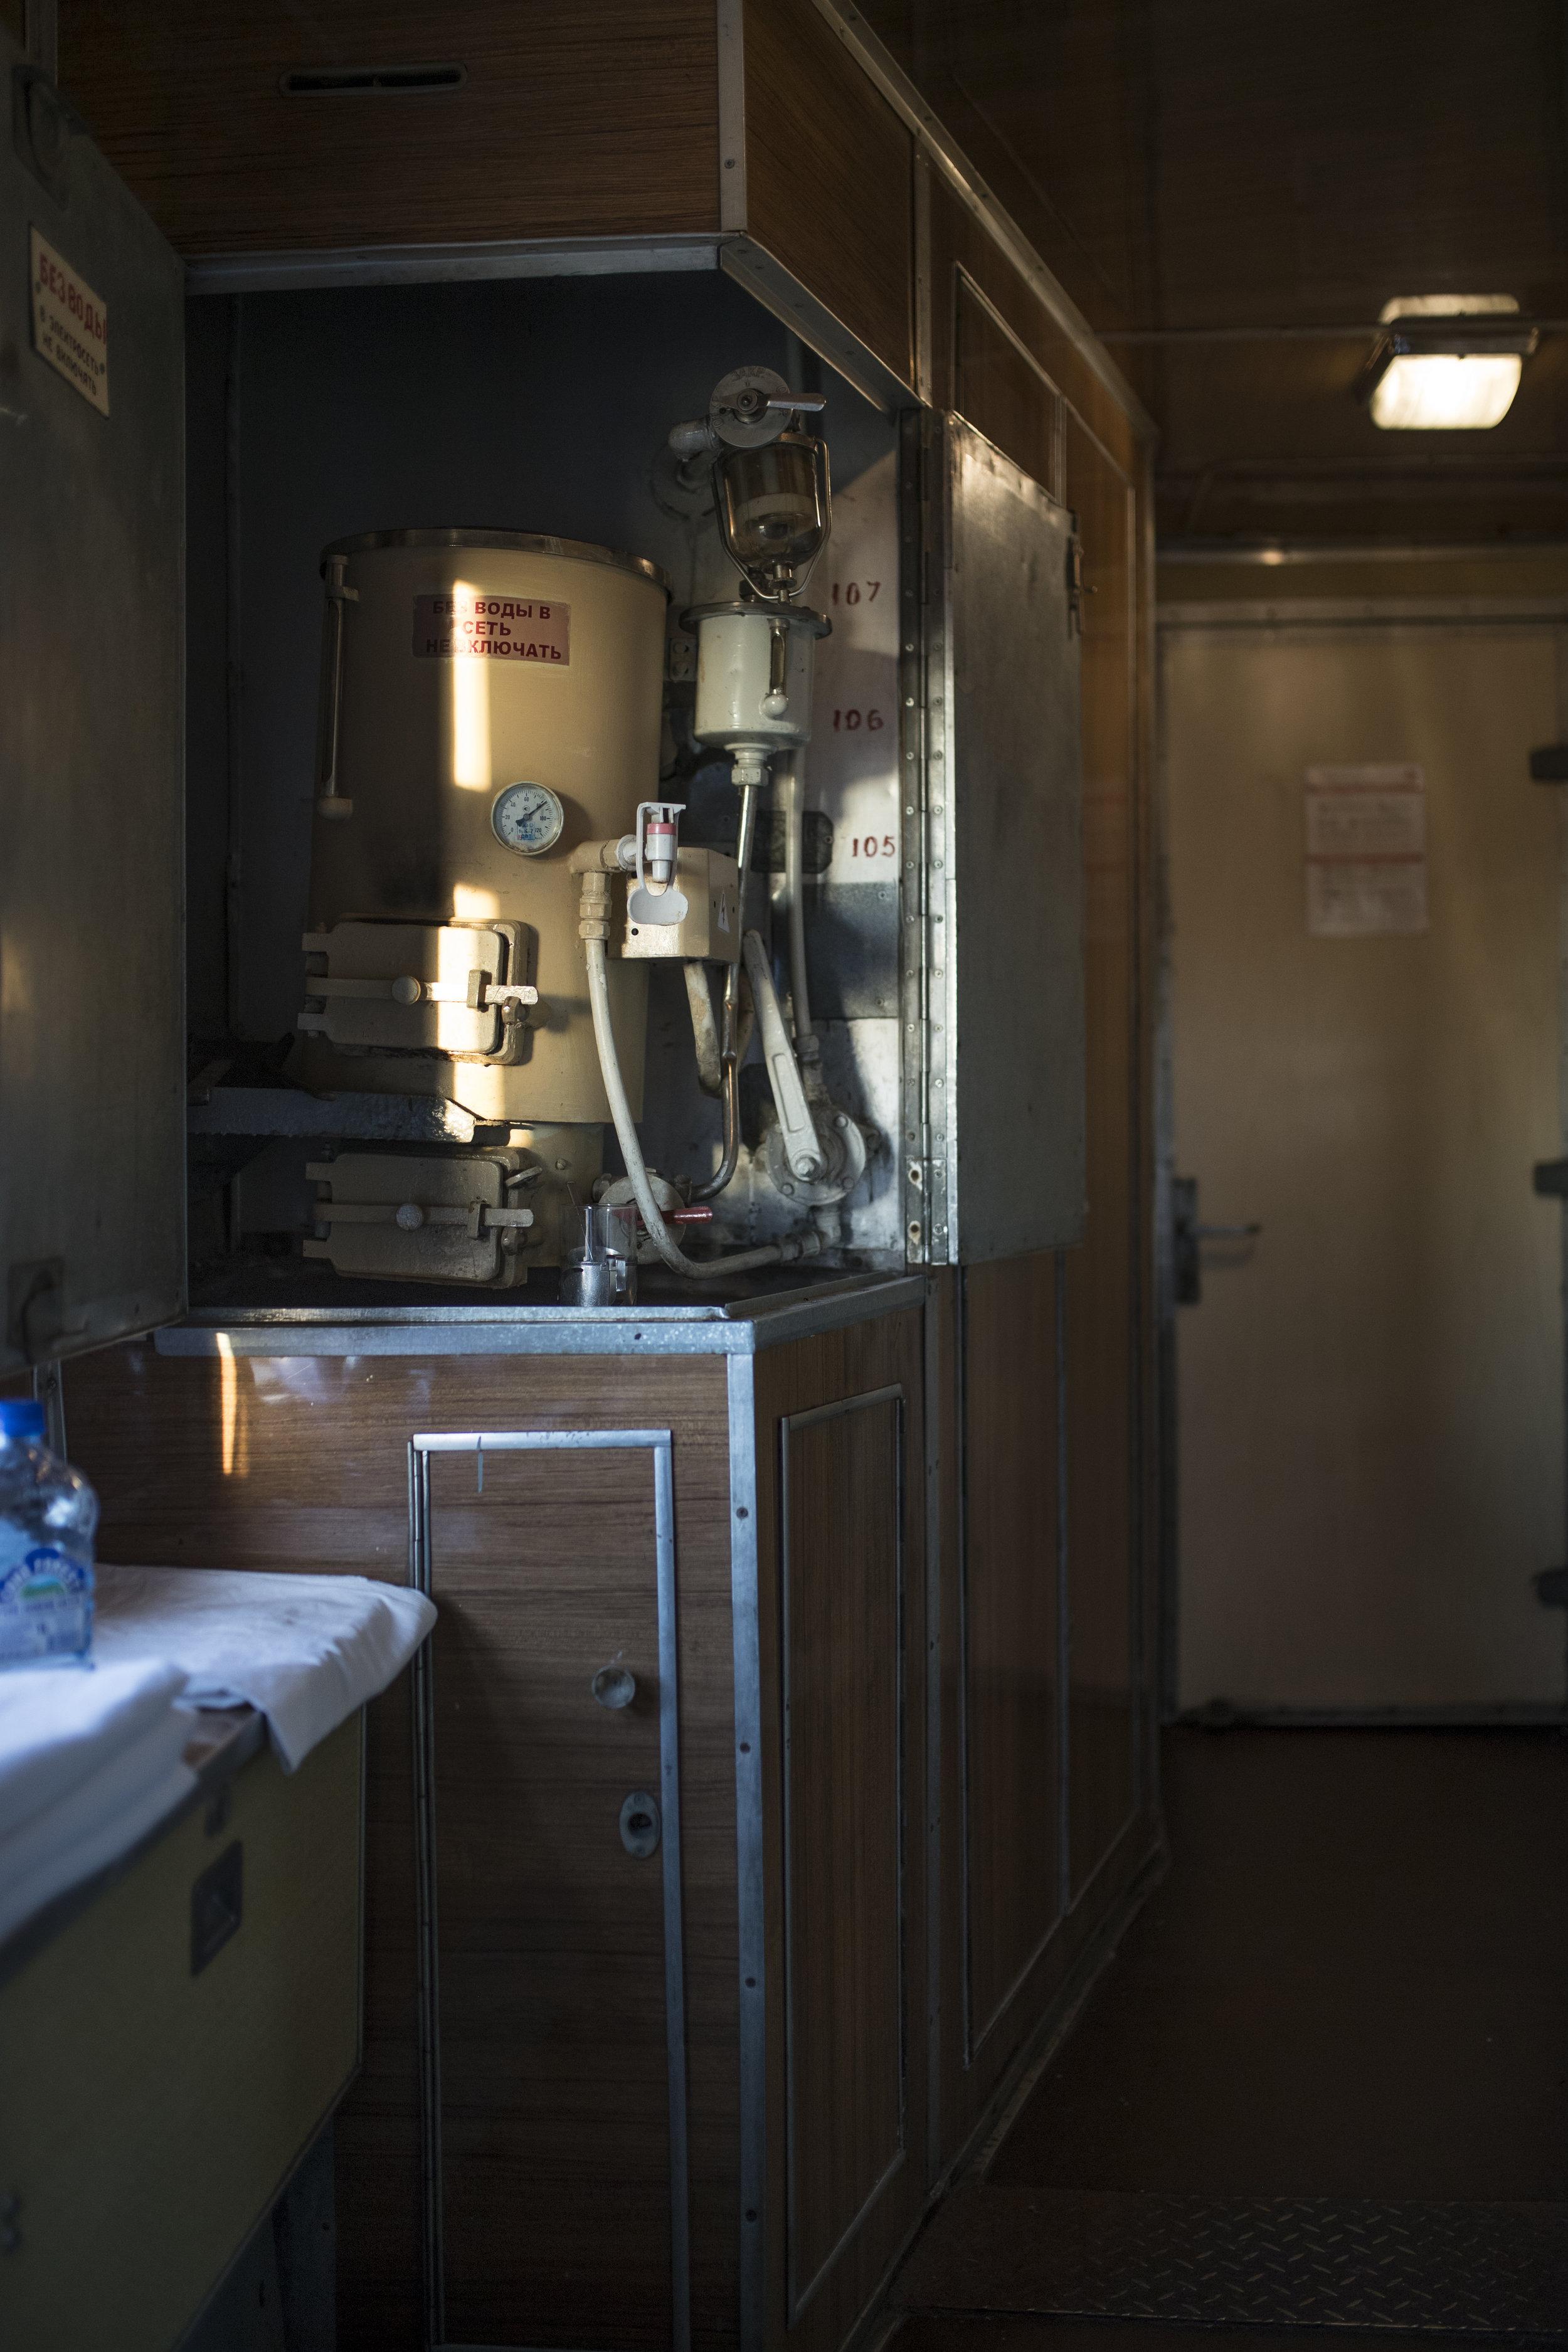 """Heißes Wasser ist kostelnlos und hilft enorm beim """"kochen"""". Klassisch gibt es im Abteil hauptsächlich 2-Minute-Noodles, wir haben es jedoch geschafft, frischere warme Malzeiten zuzubereiten, wie es sie im Essenswagon zu kaufen gibt! Rezepte folgen ;)"""